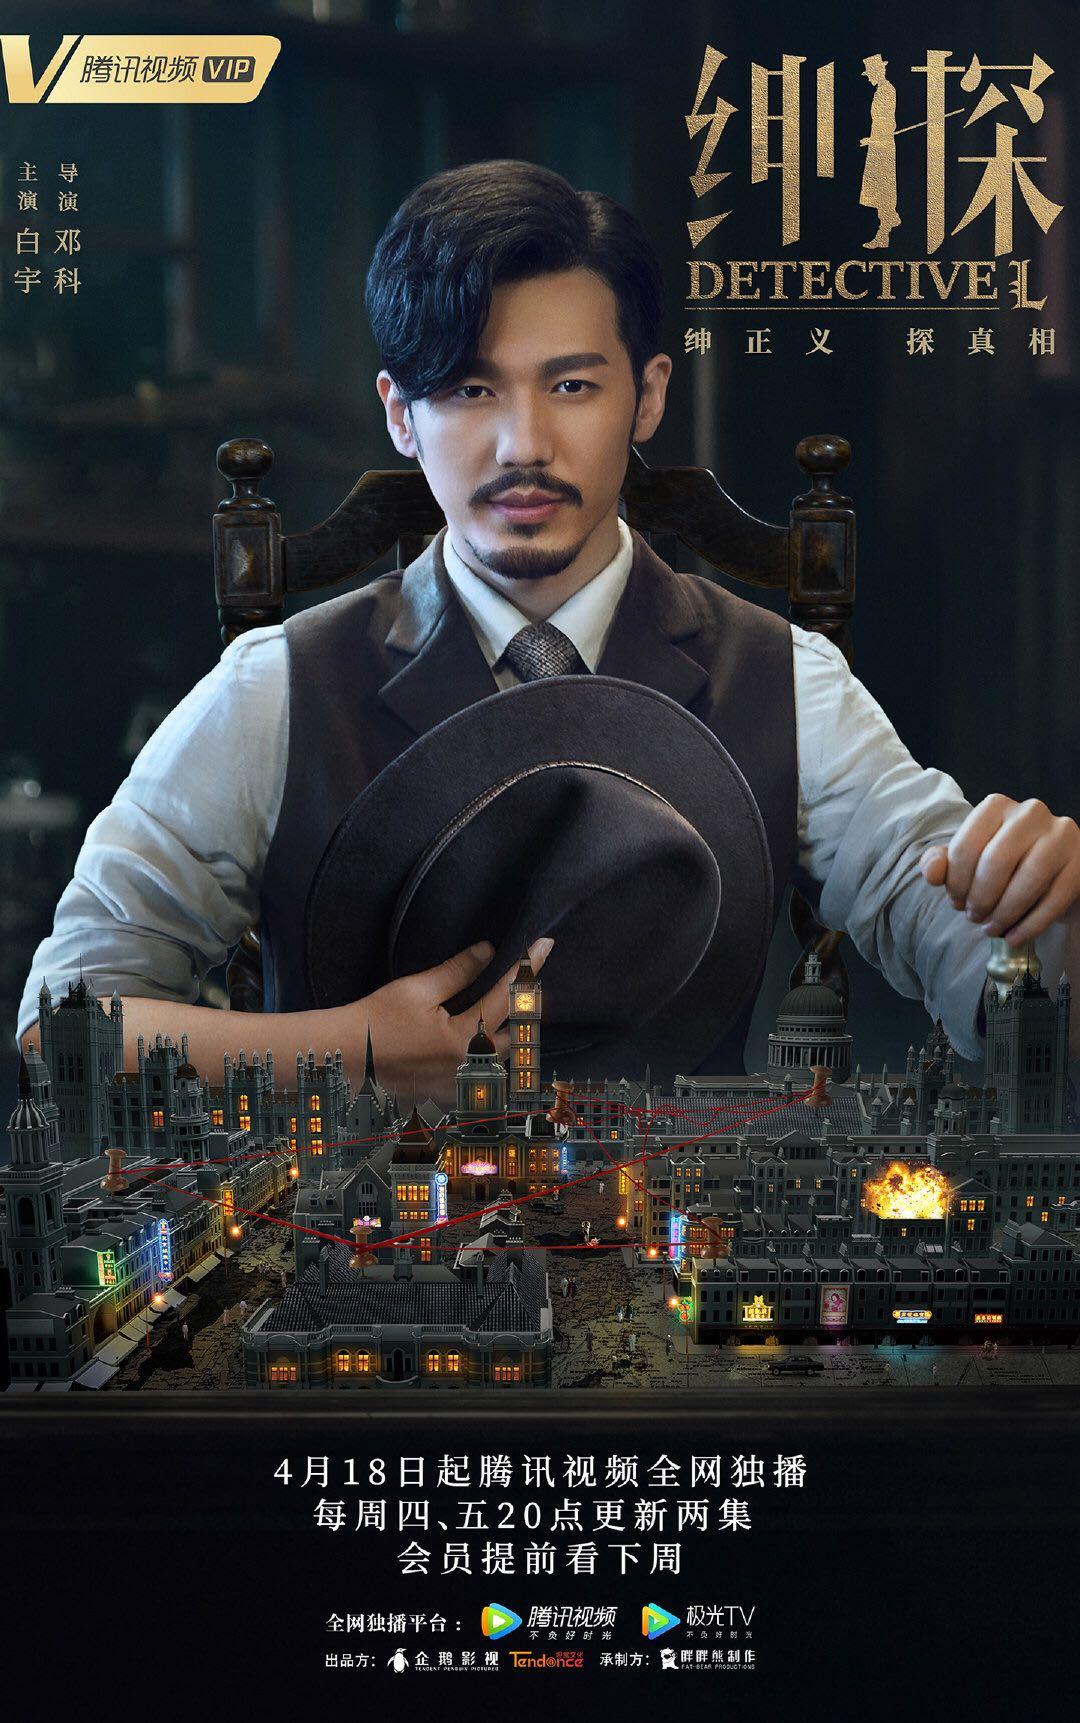 白宇《绅探》今日首播 演绎侦探尽显绅士风范